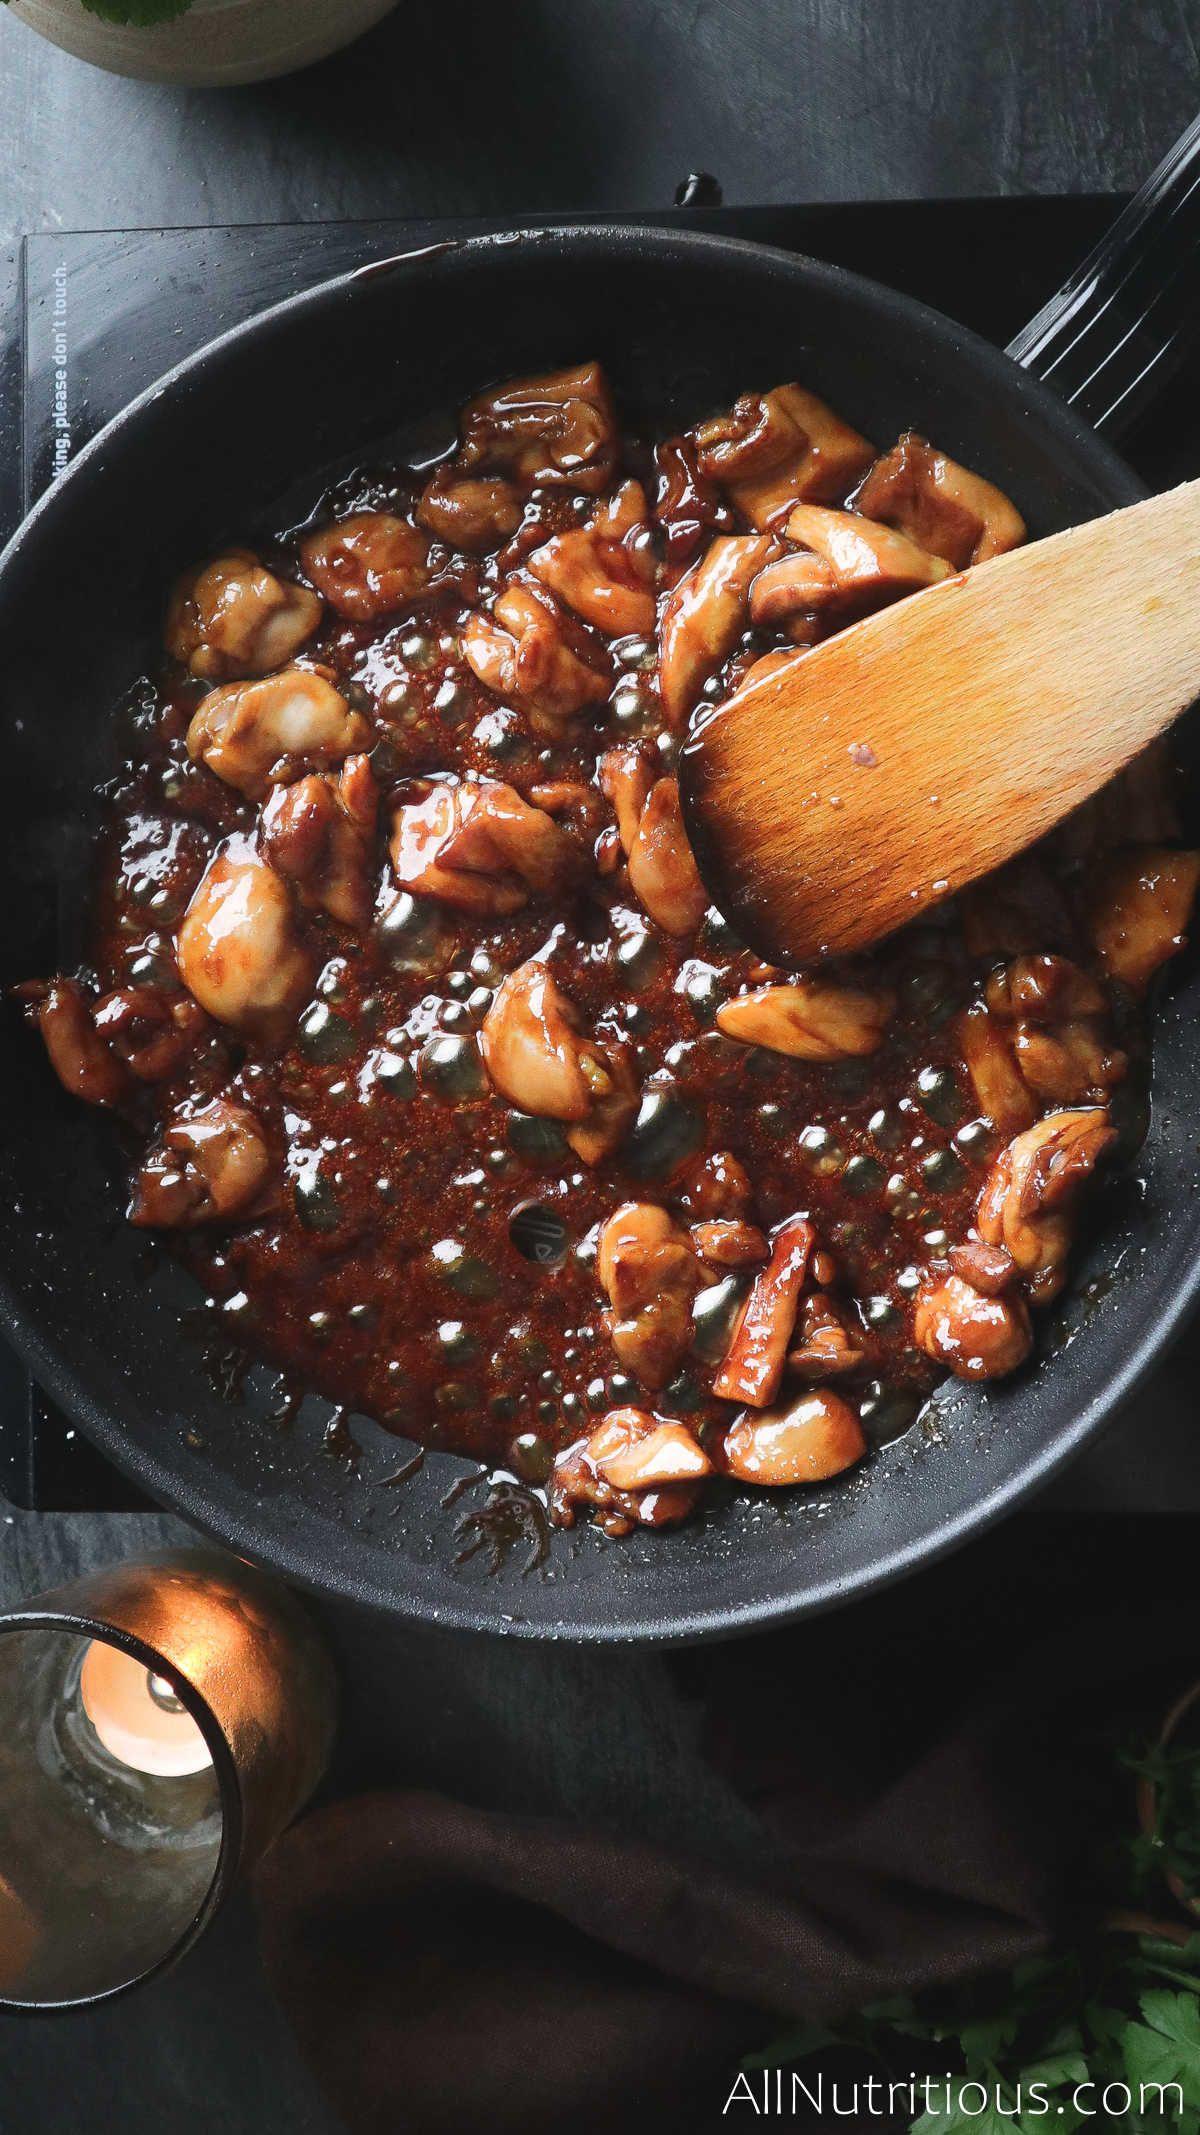 teriyaki chicken cooking in pan